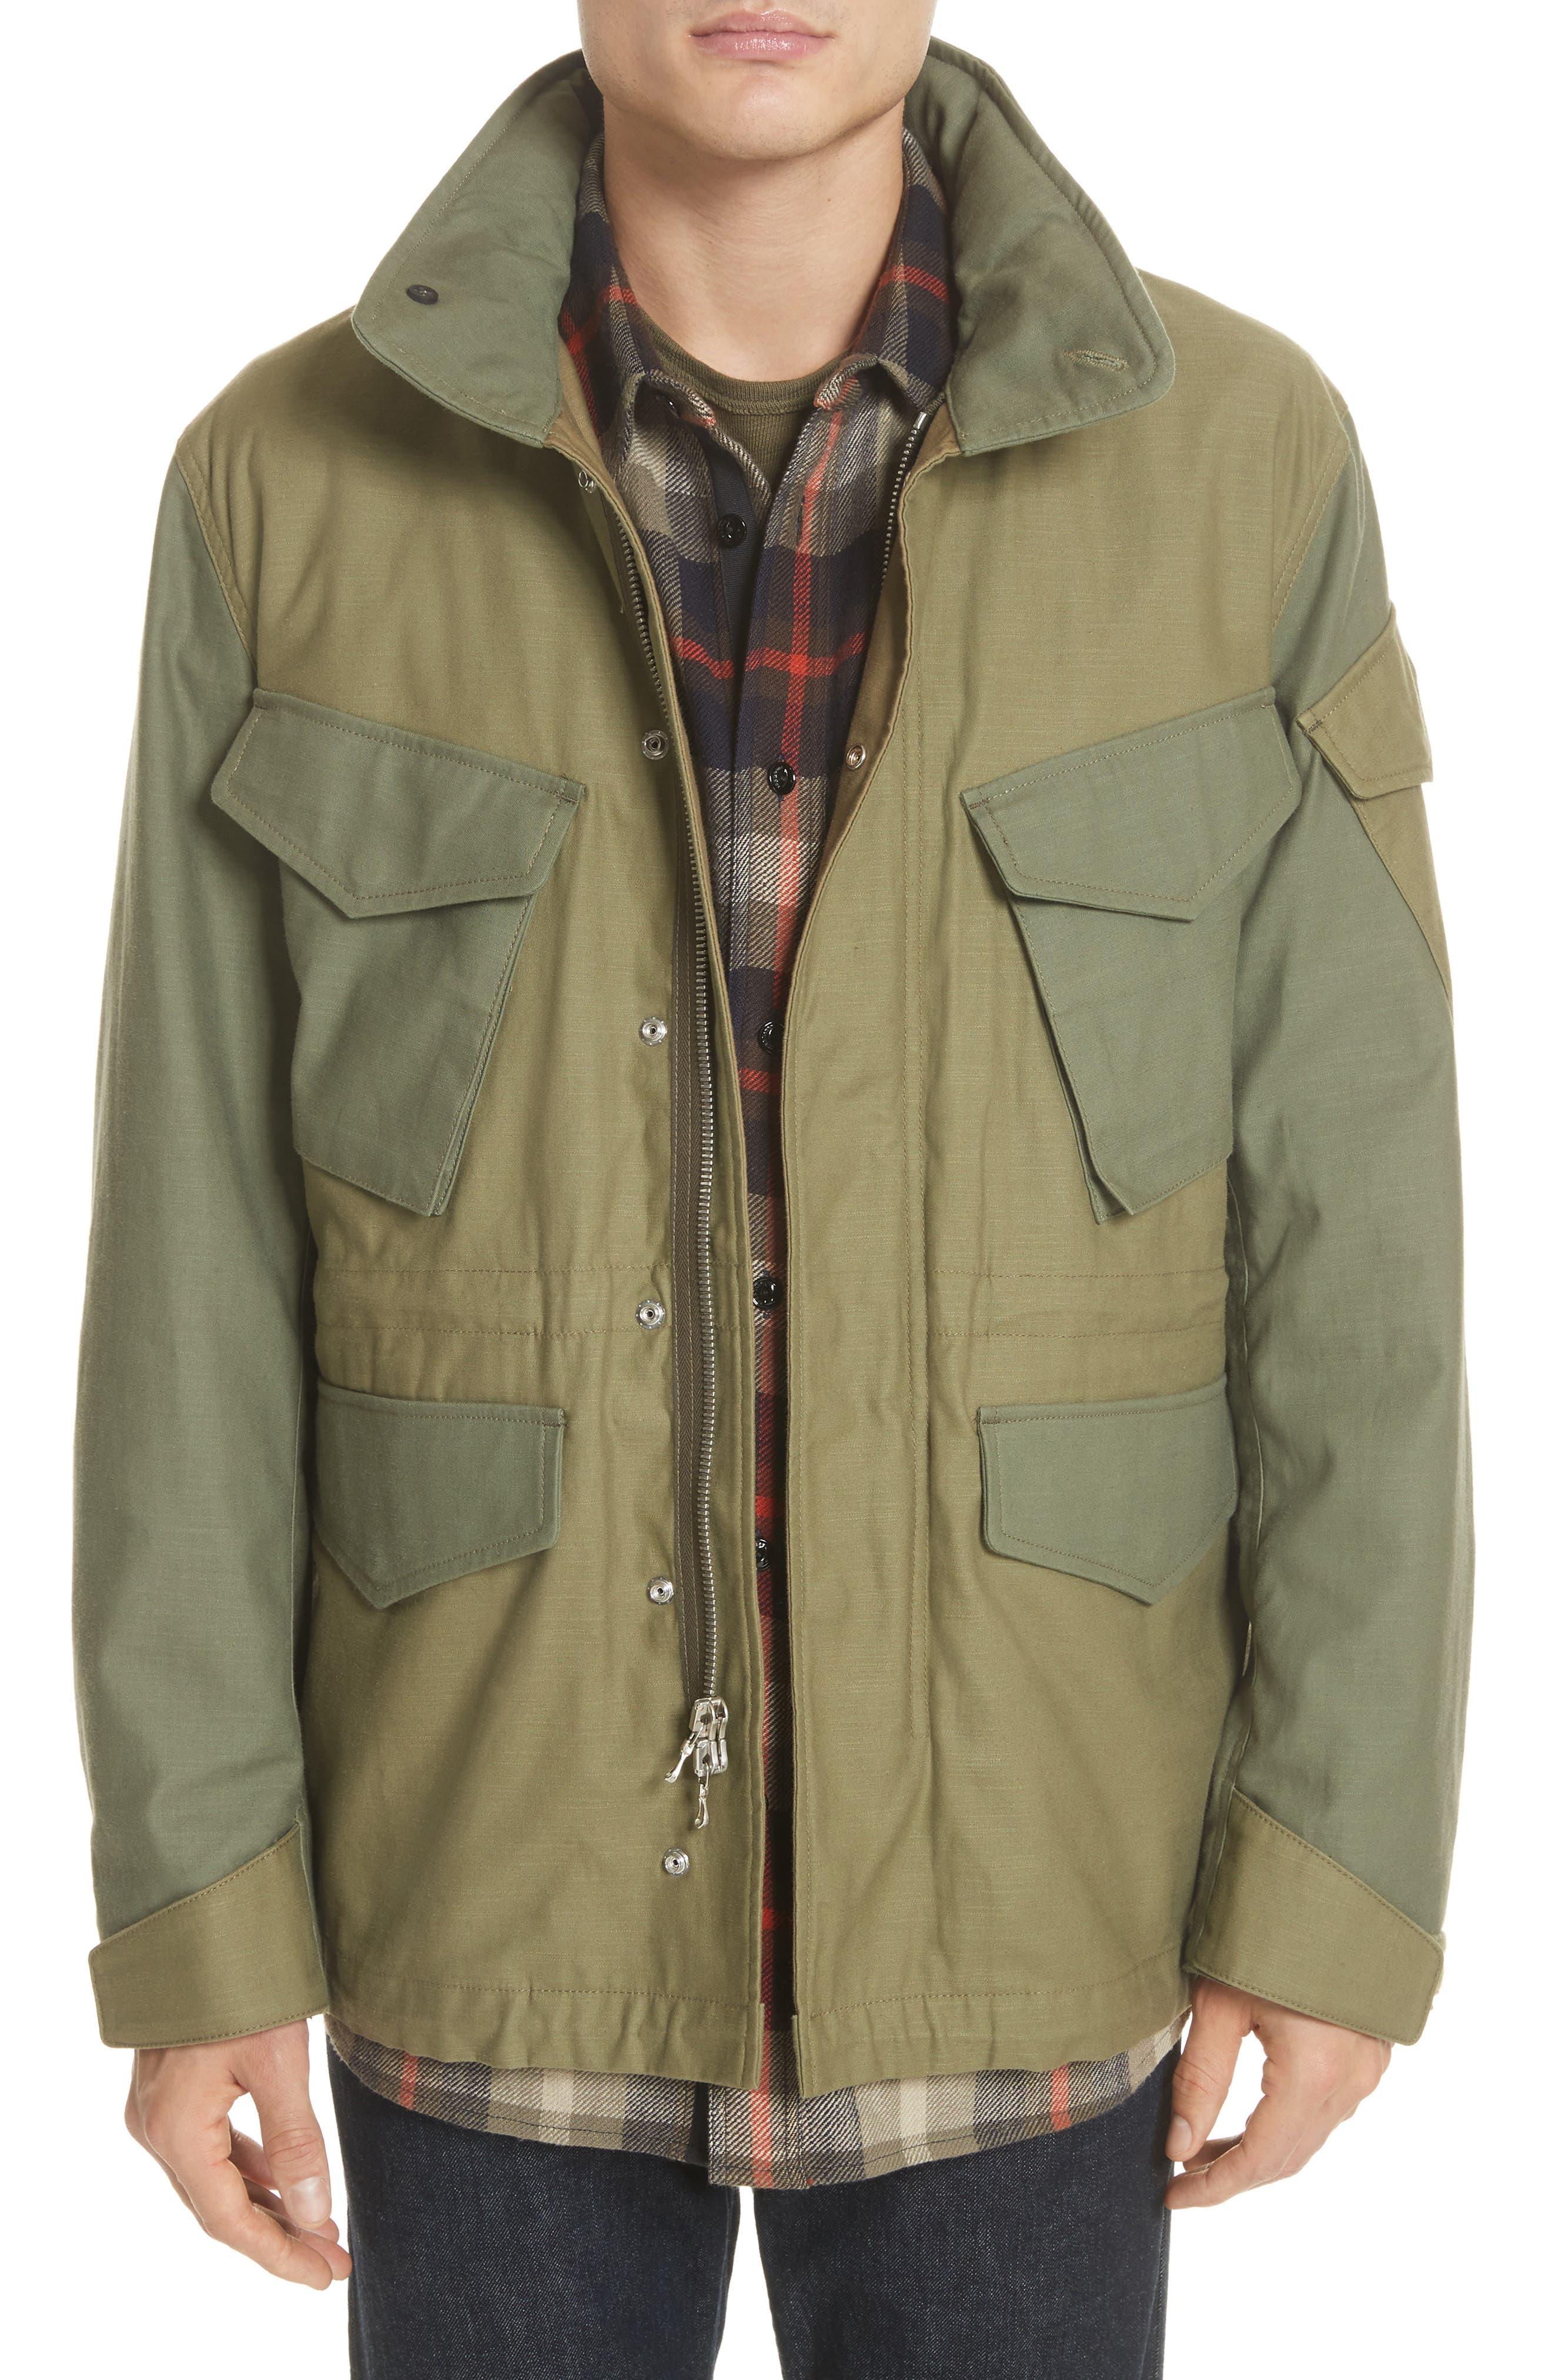 Alternate Image 1 Selected - rag & bone Field Jacket